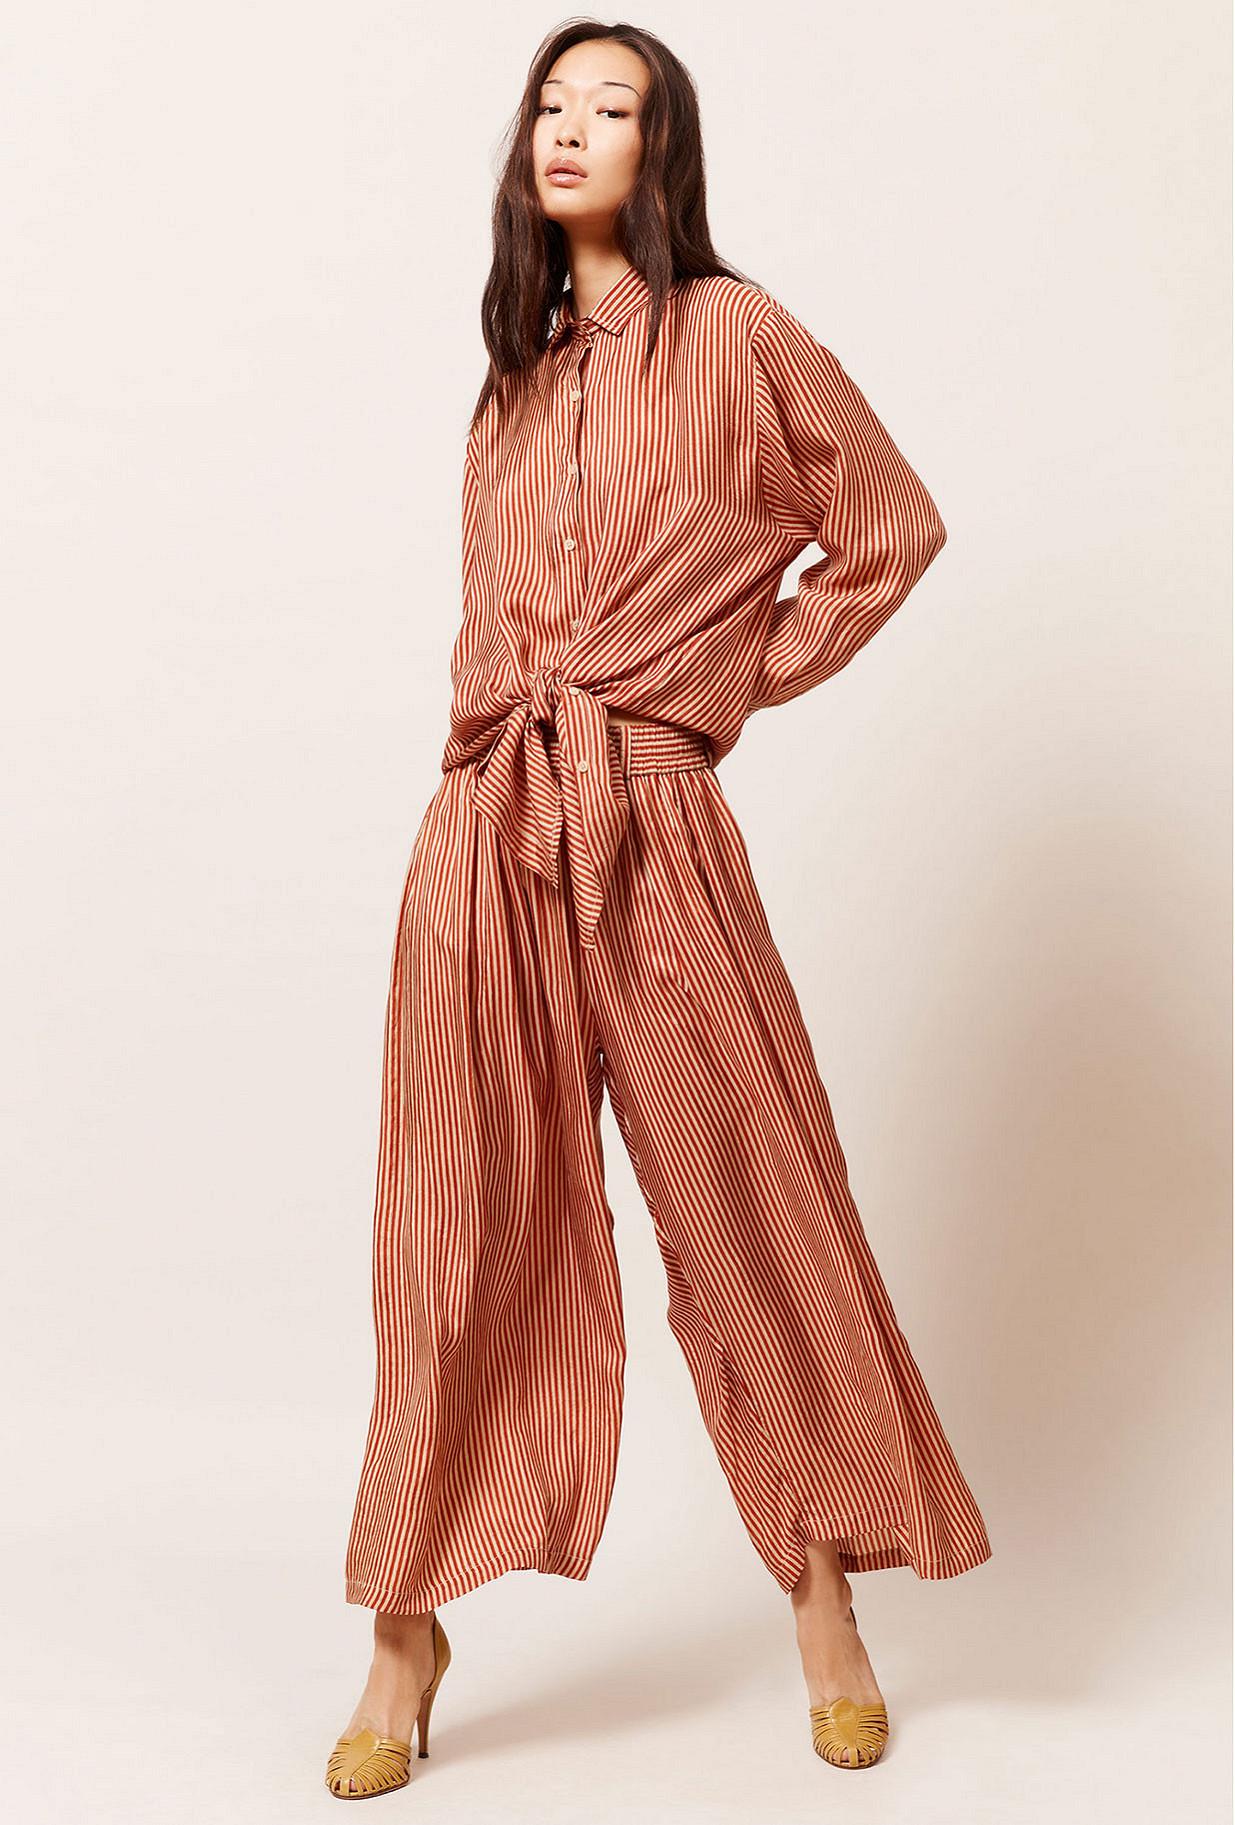 Paris boutique de mode vêtement Pantalon créateur bohème Barnet